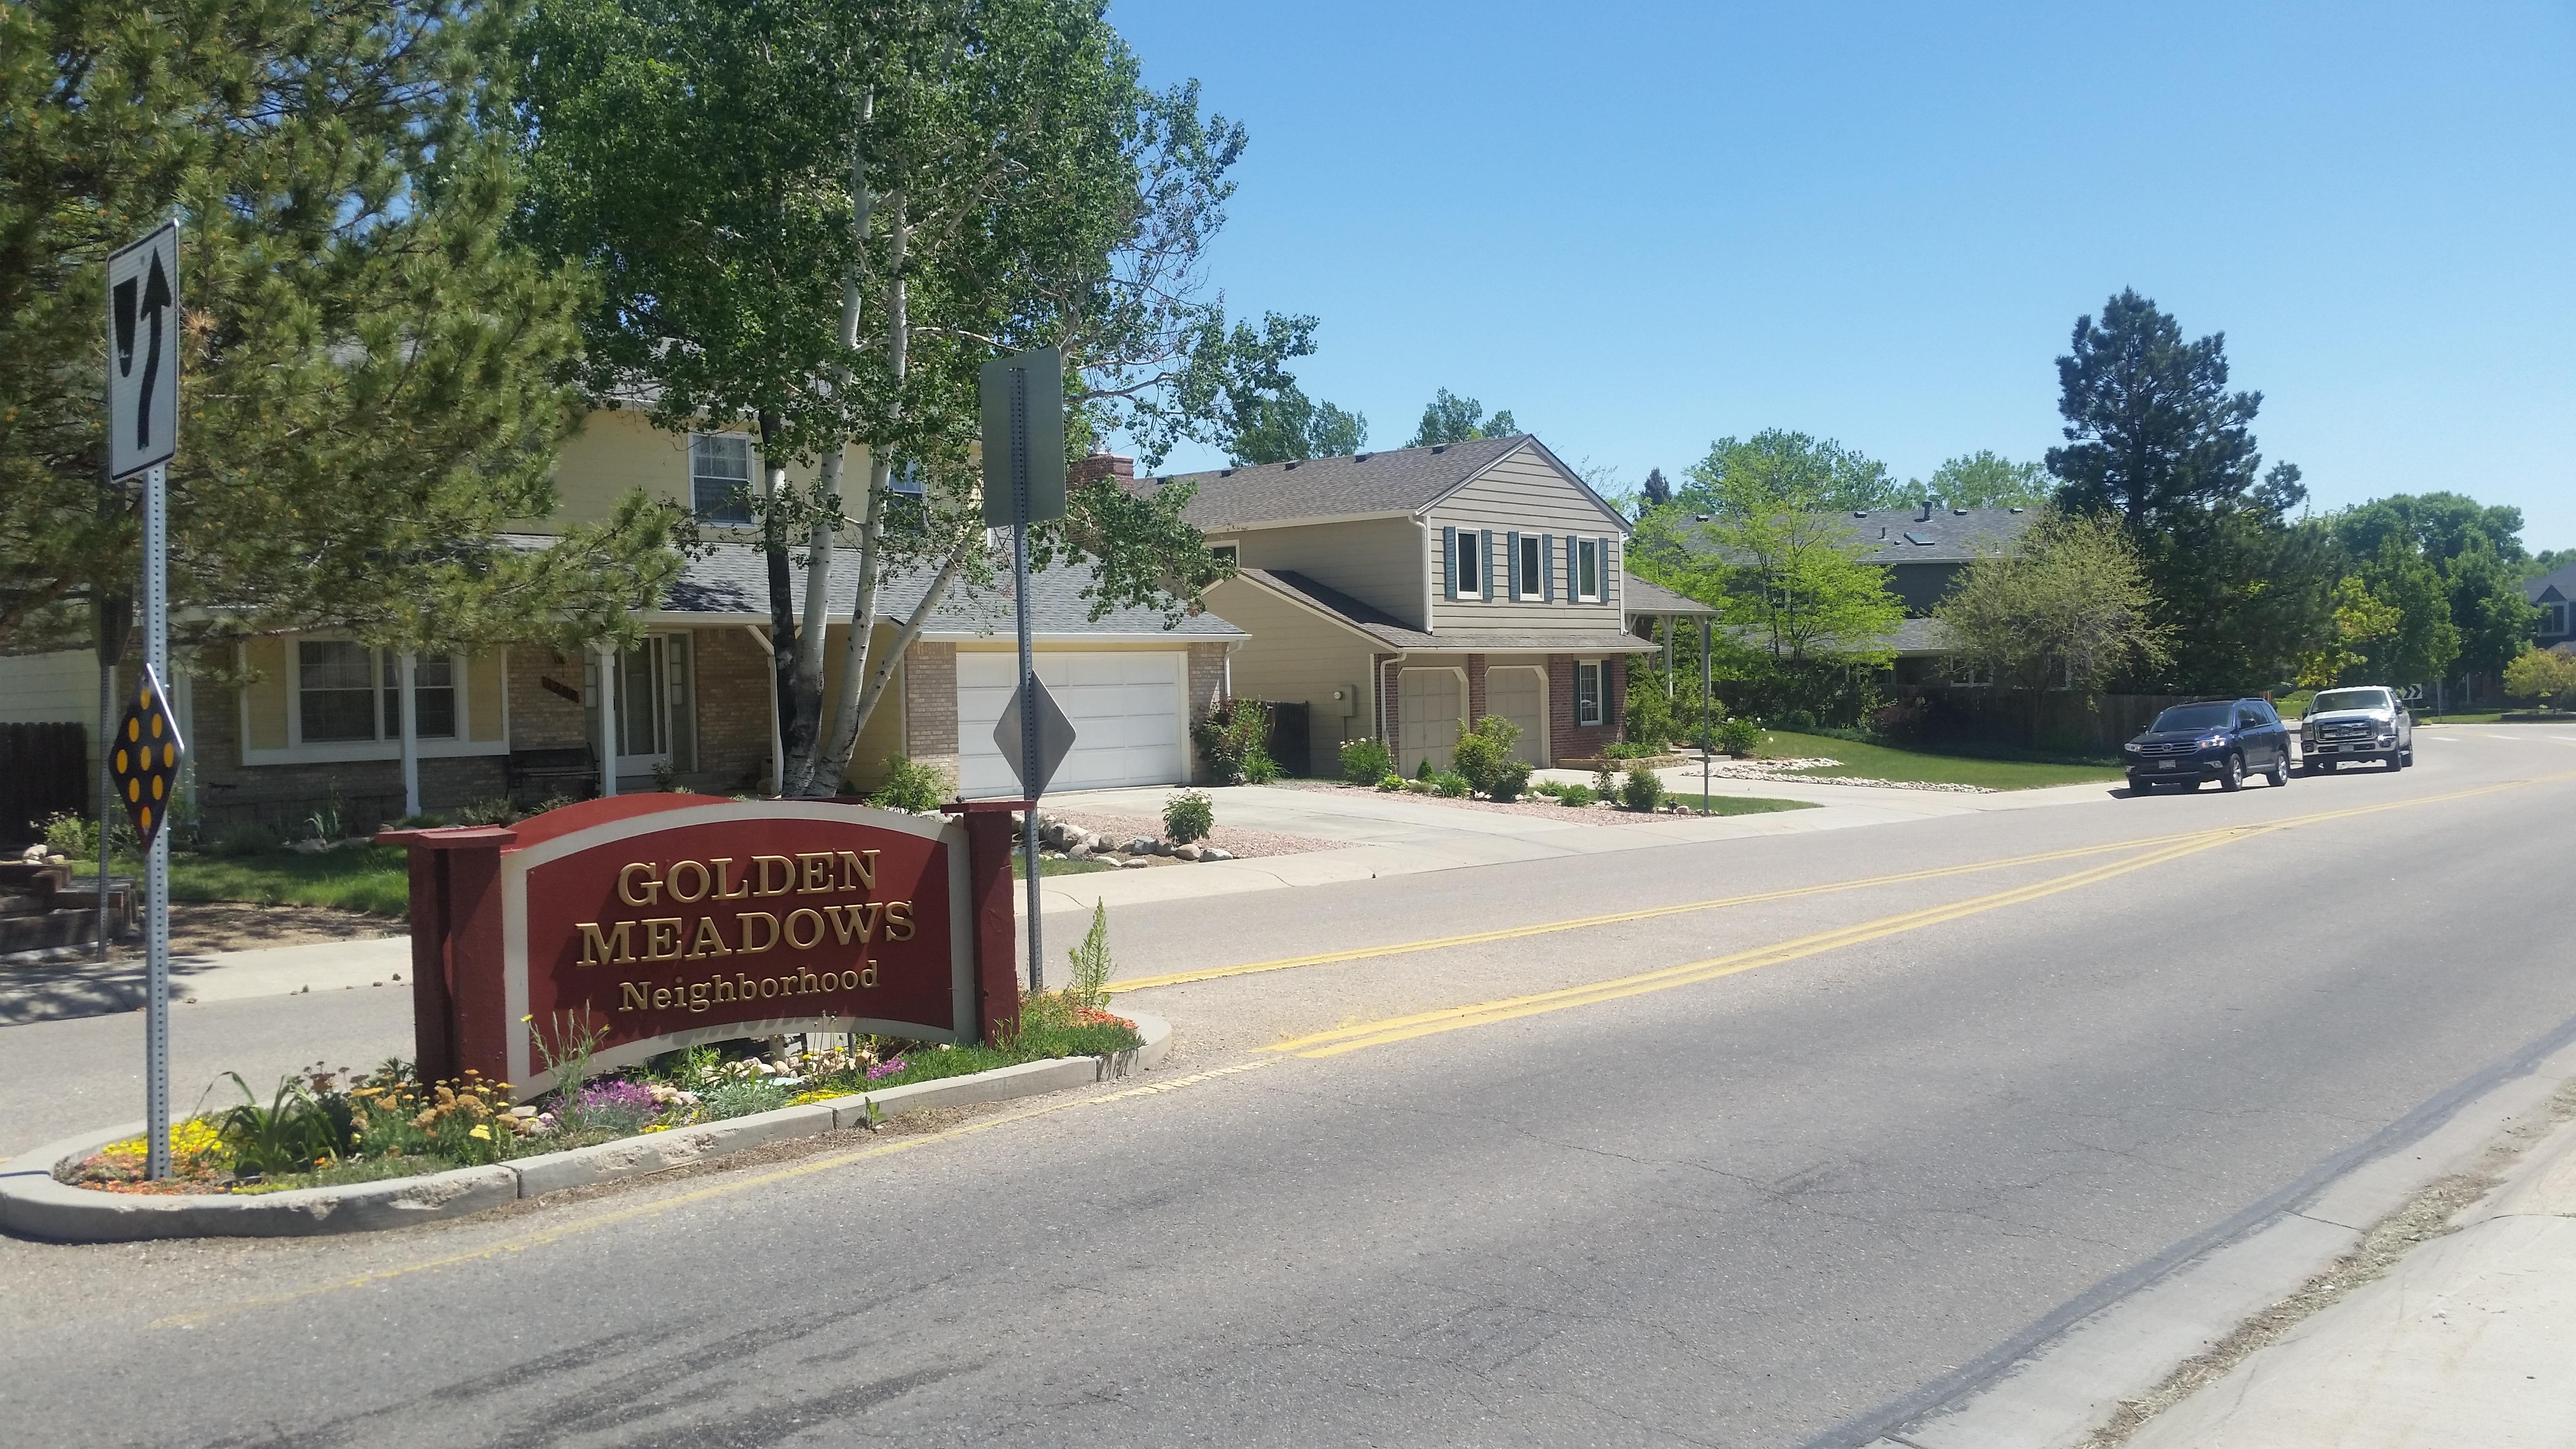 Golden Meadows sign